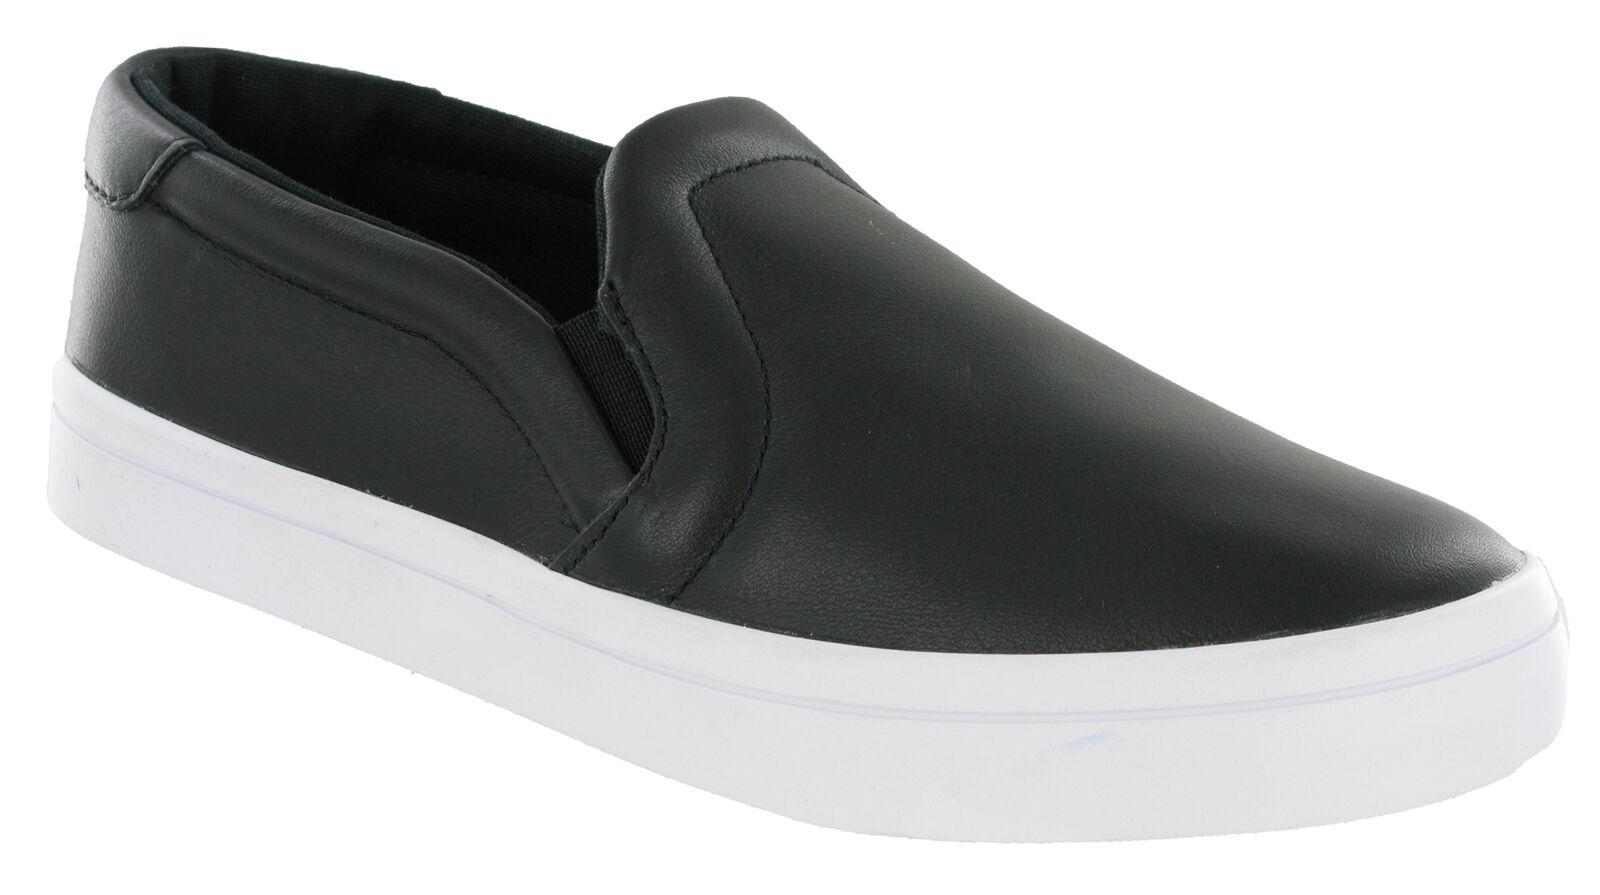 Adidas Chaussures Court Vantage Slip On Flat Noir Coussin Chaussures Pas Cher Pour Femme S75167